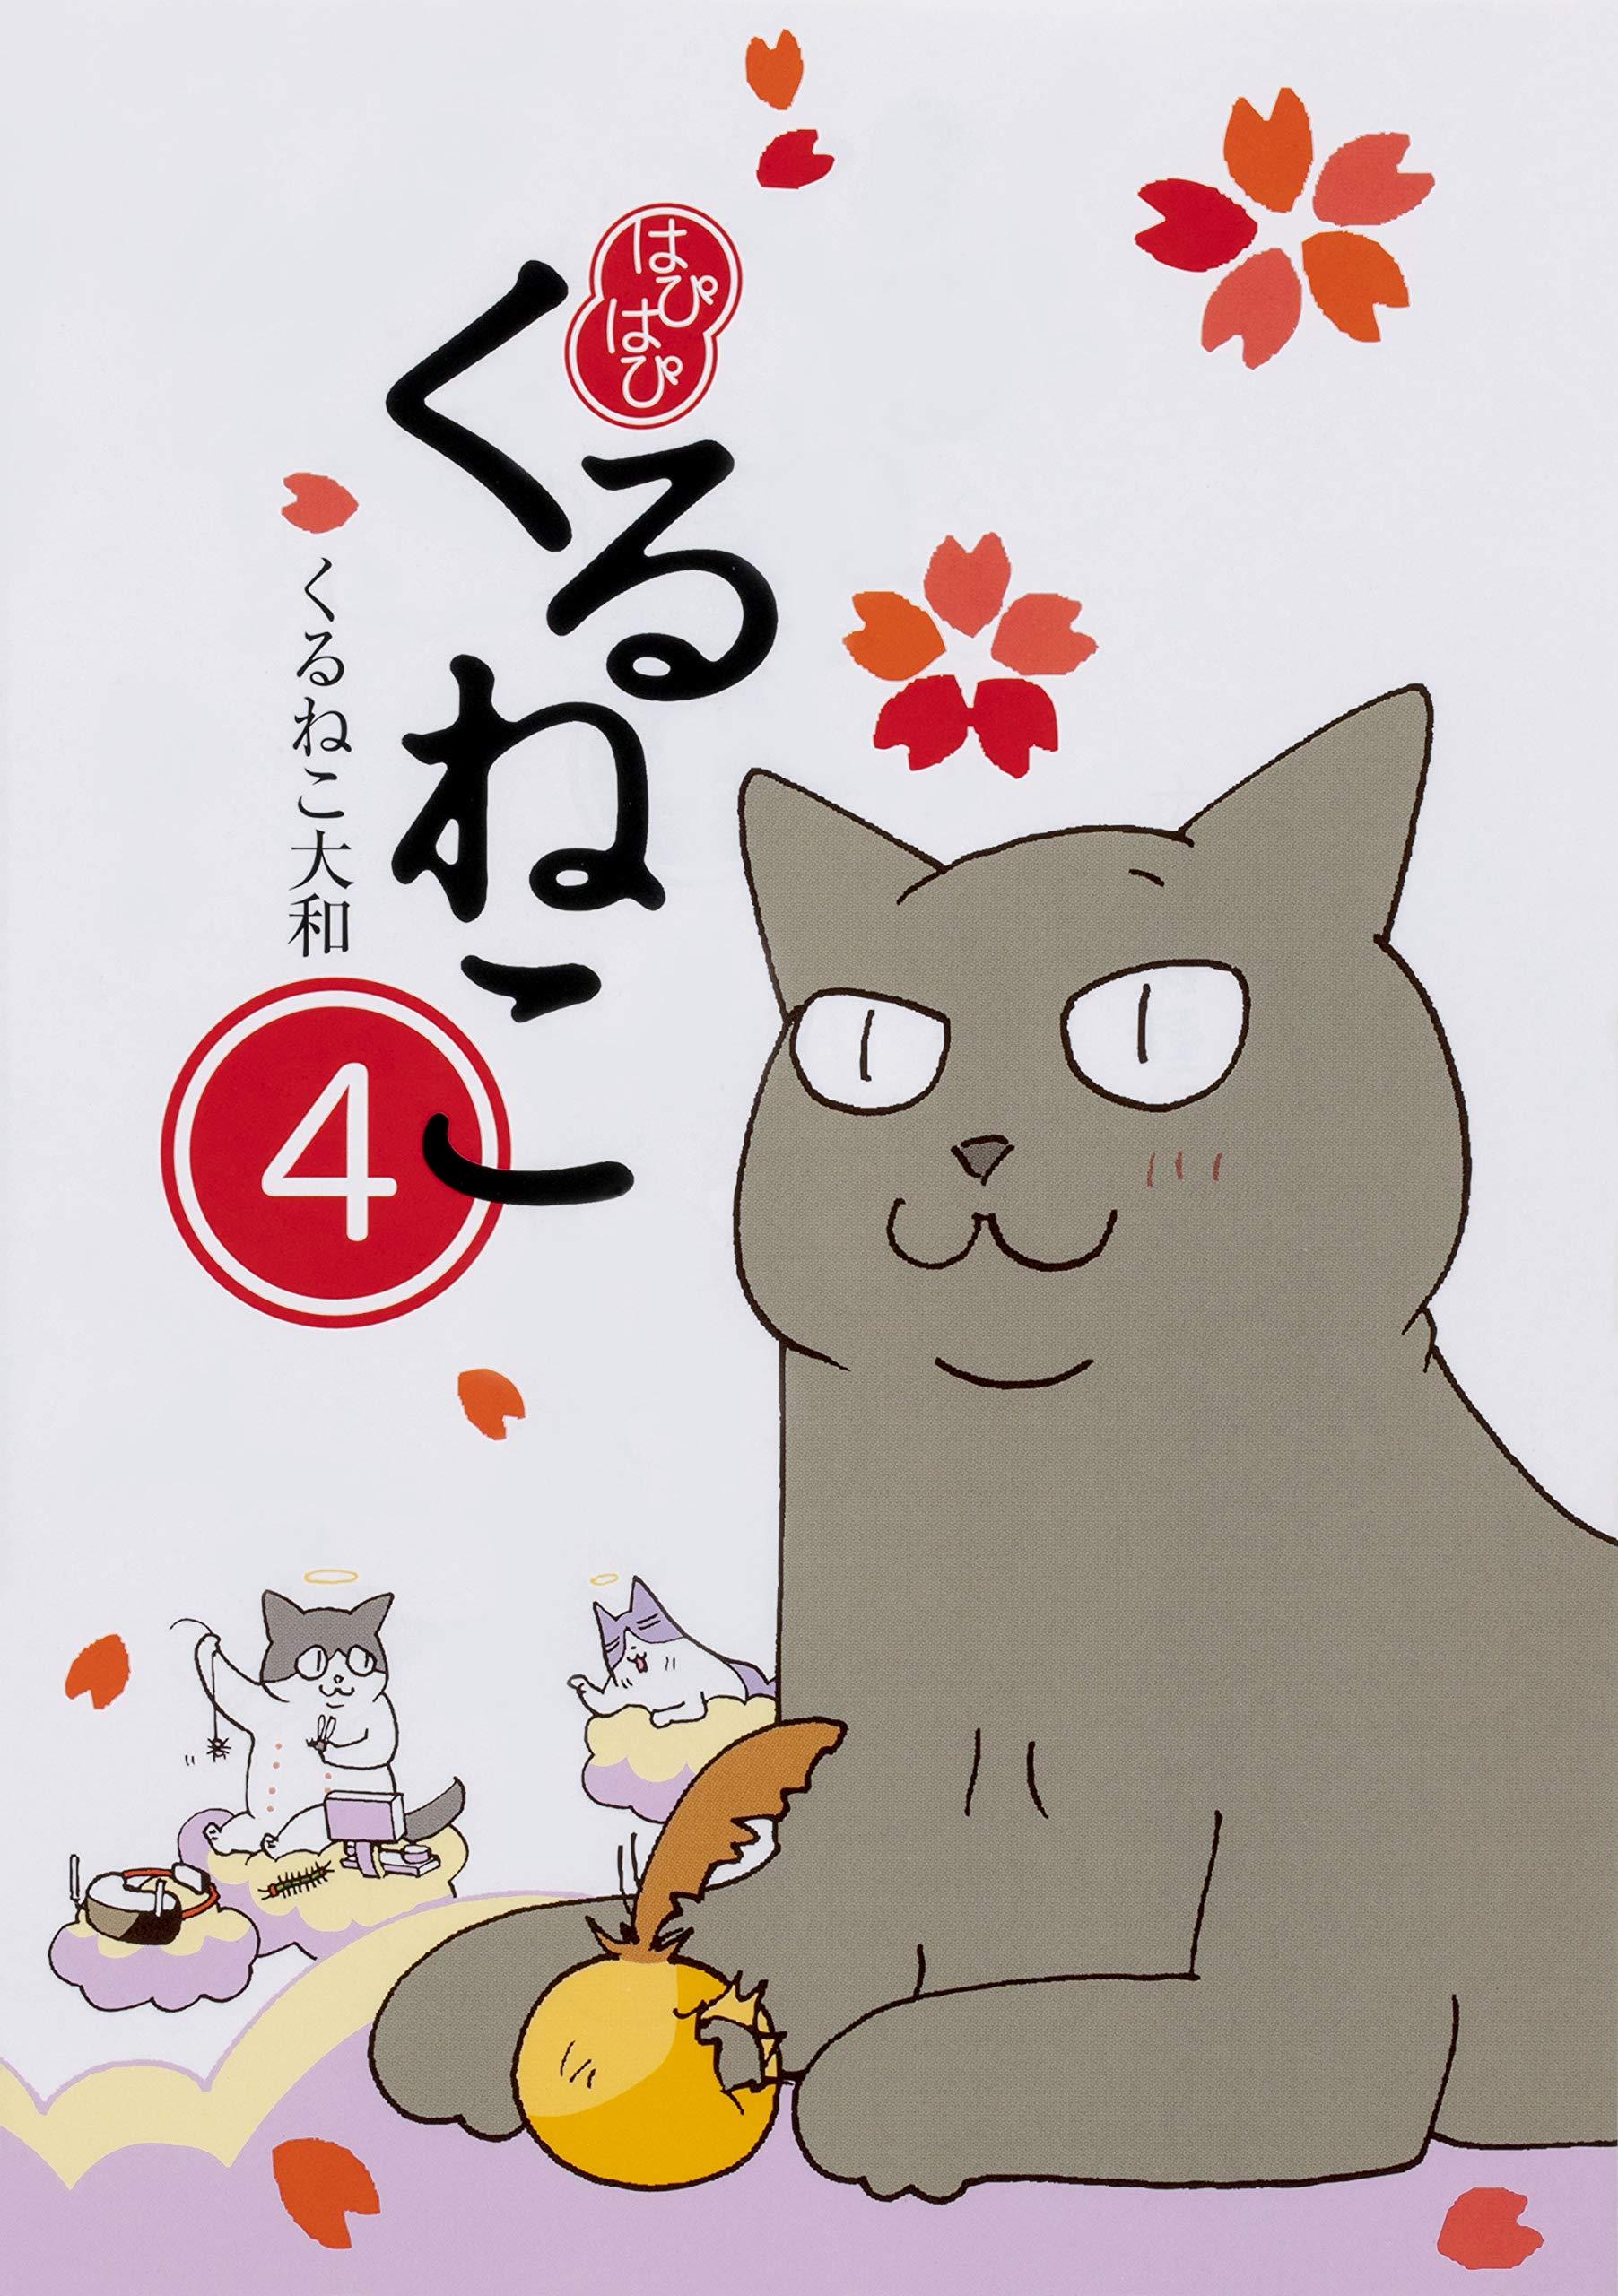 くる ねこ 大和 Amazon.co.jp: くるねこ 大和:作品一覧、著者略歴